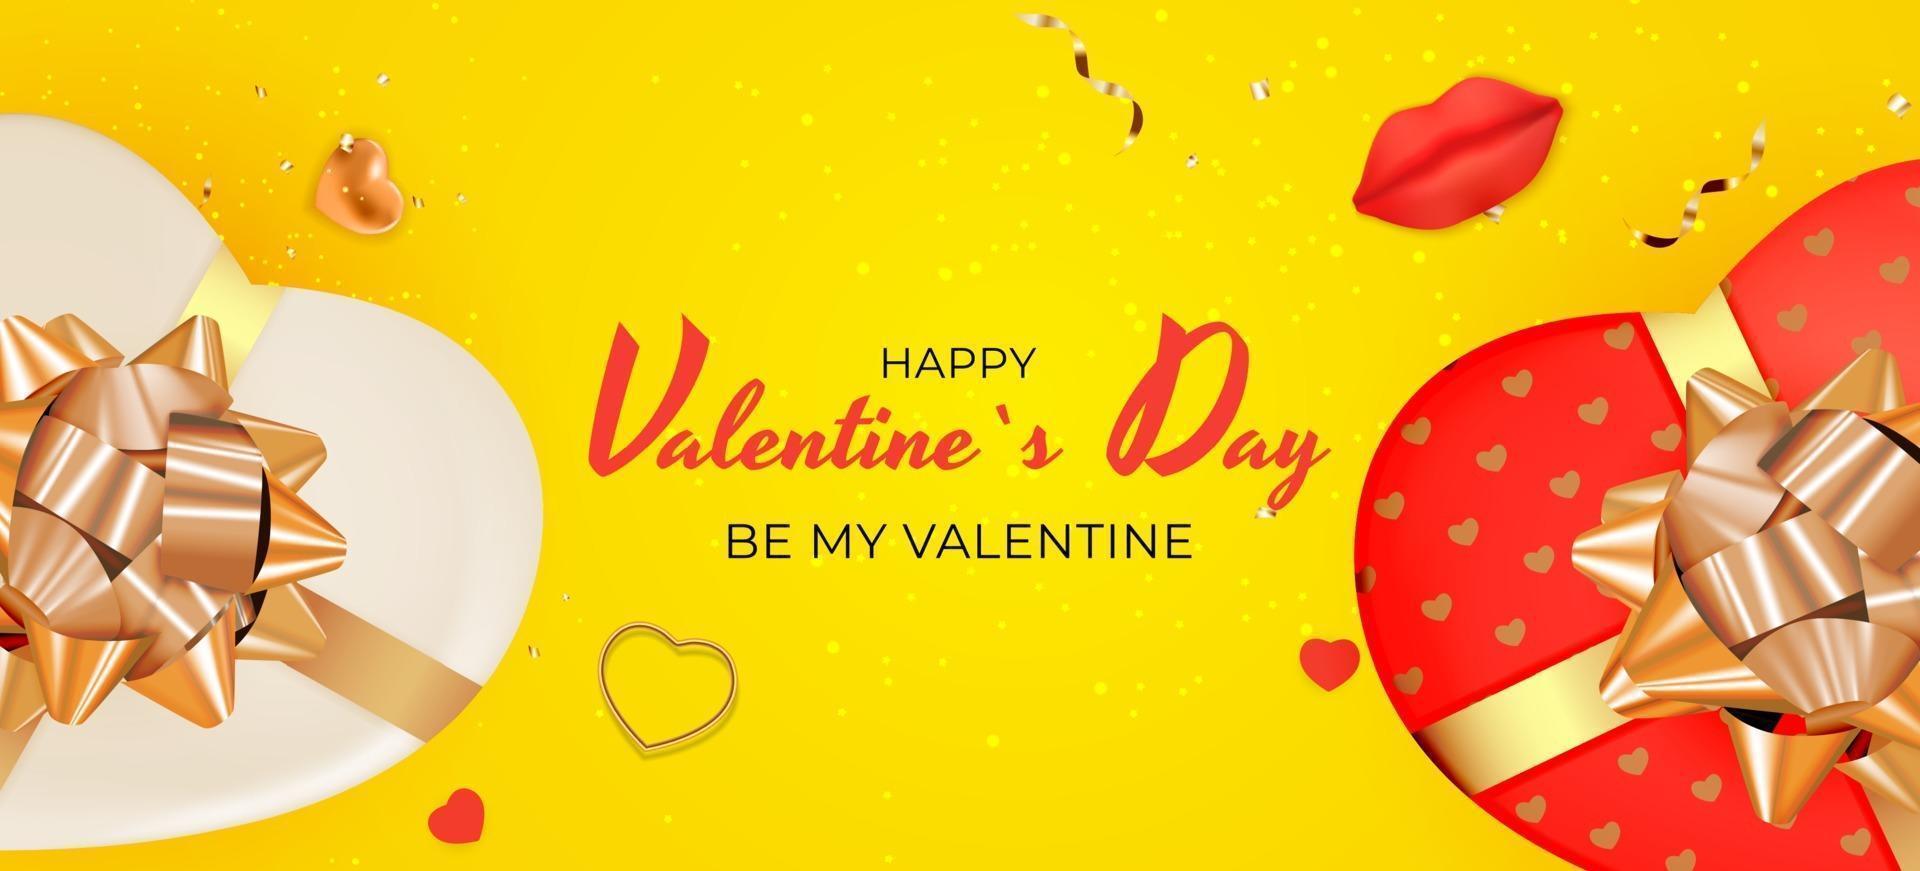 colore di sfondo giallo di San Valentino vettore